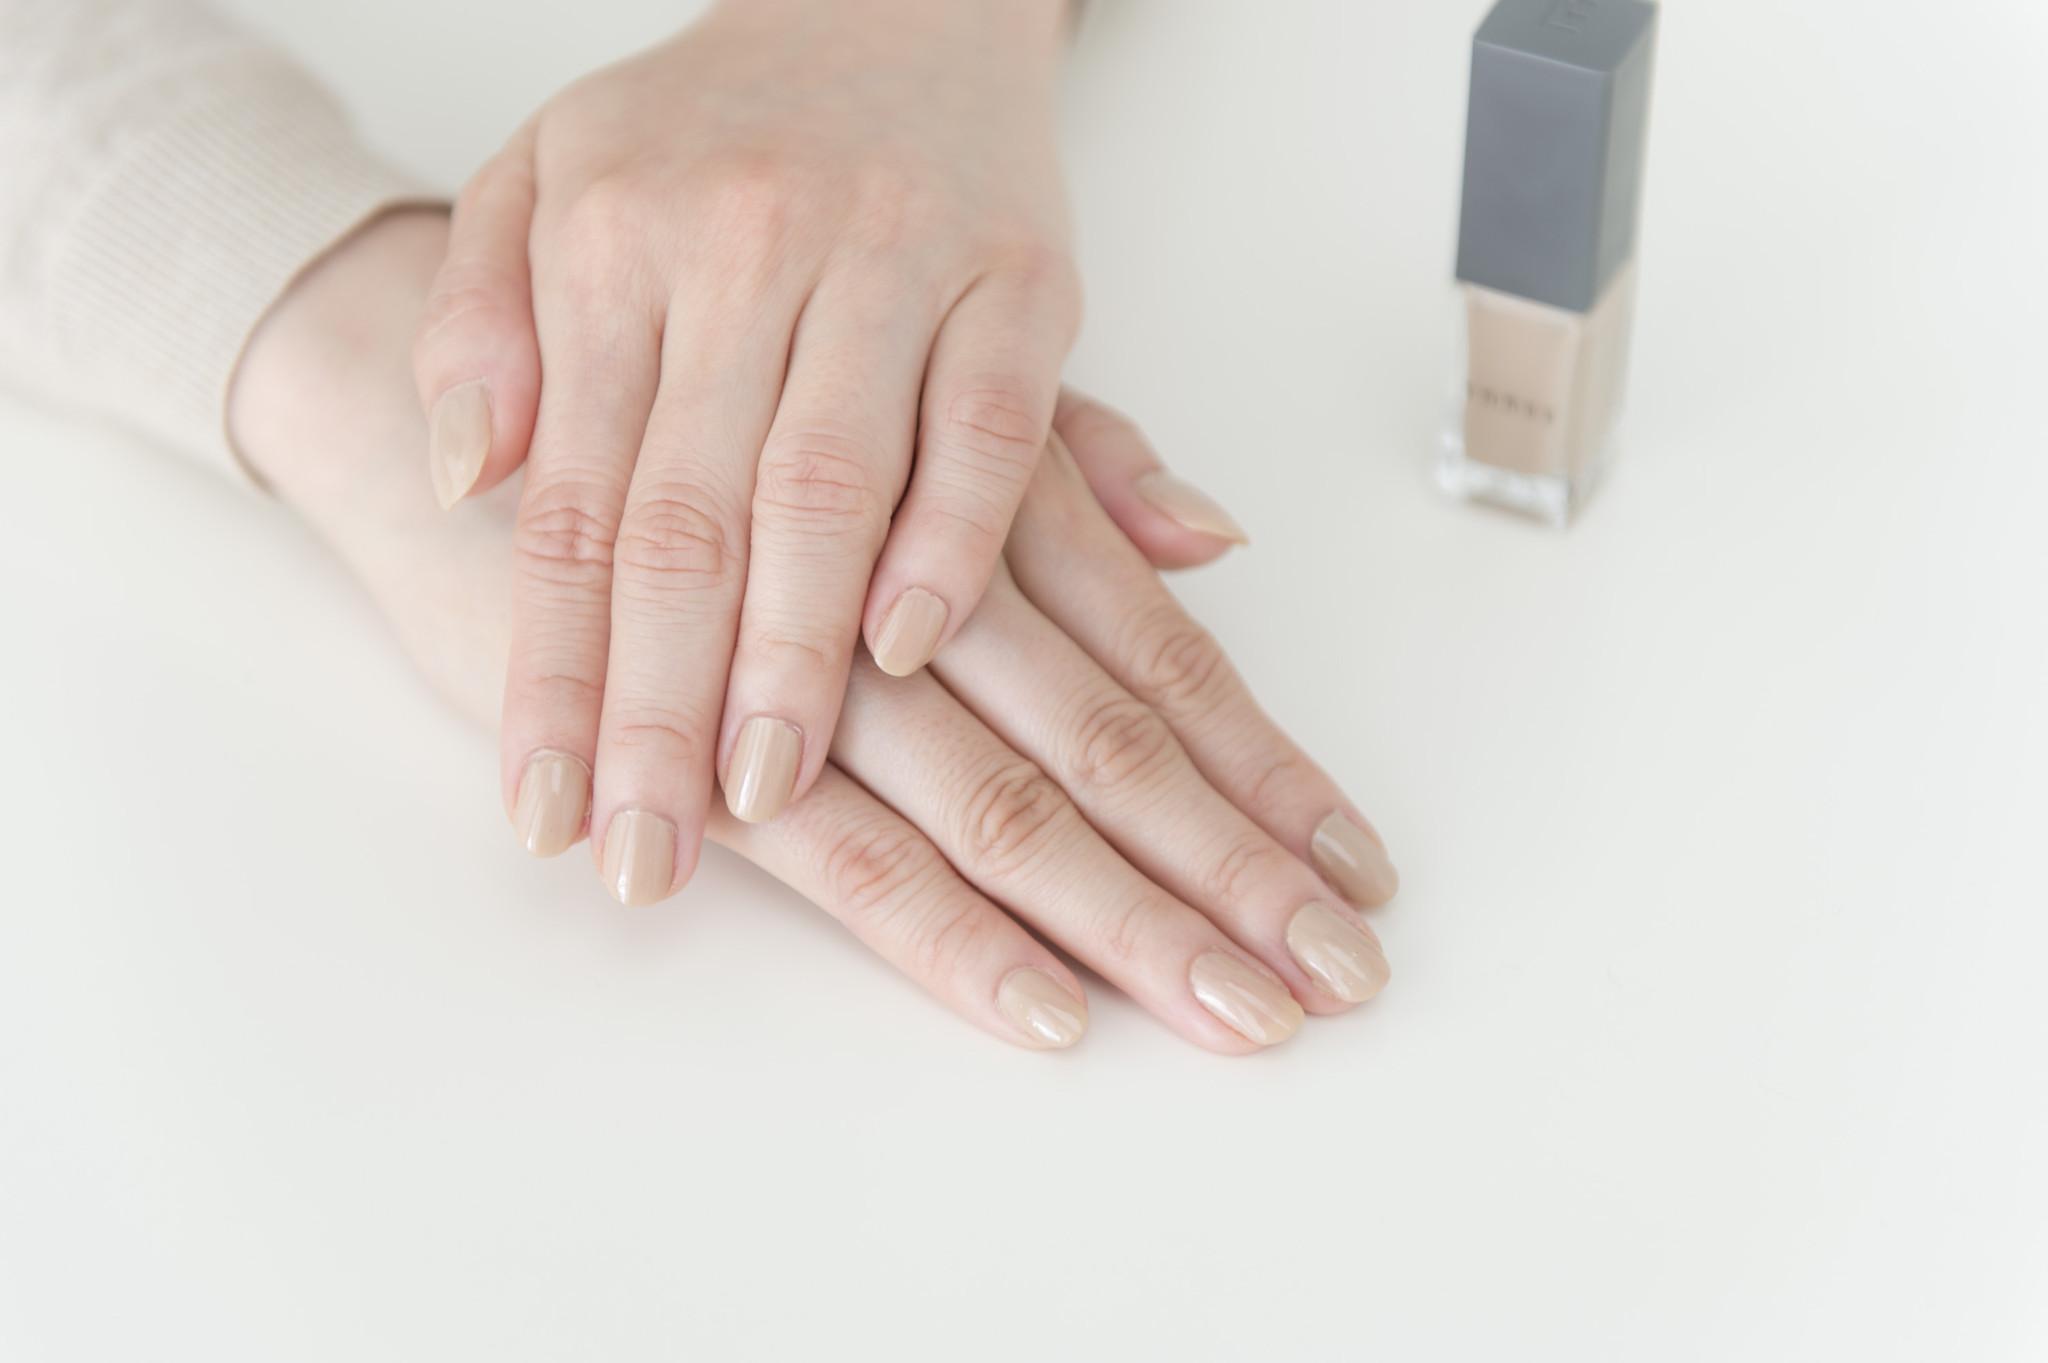 42番を塗った新宮さん。「指が短いのがコンプレックスなんですが、これを塗ると長く見えますね!」